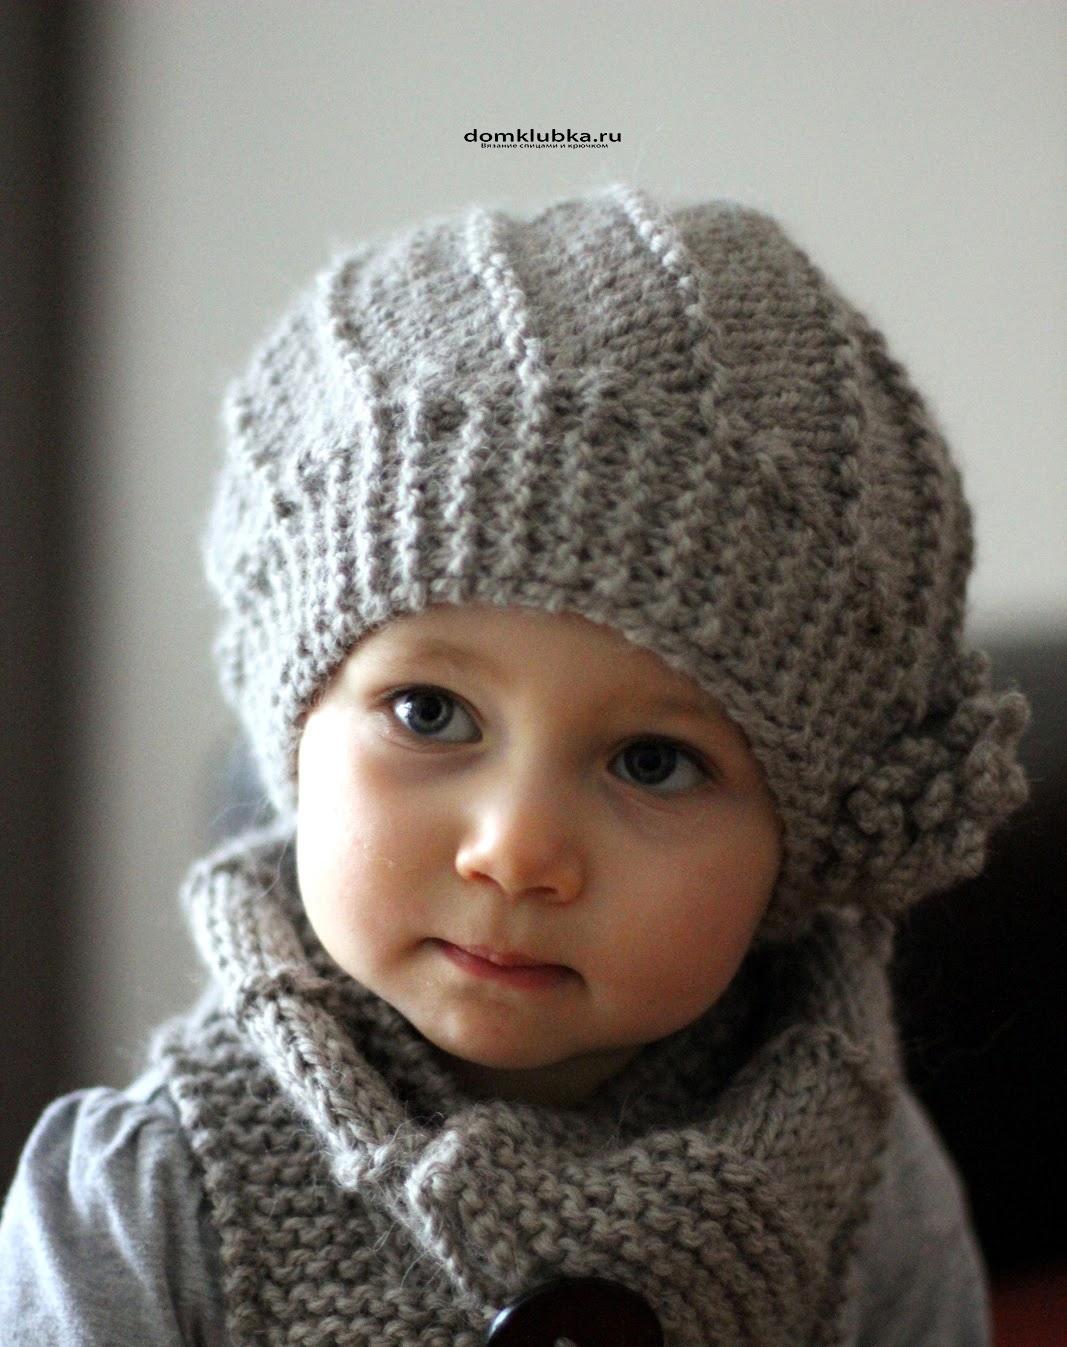 Берет детский схема вязания